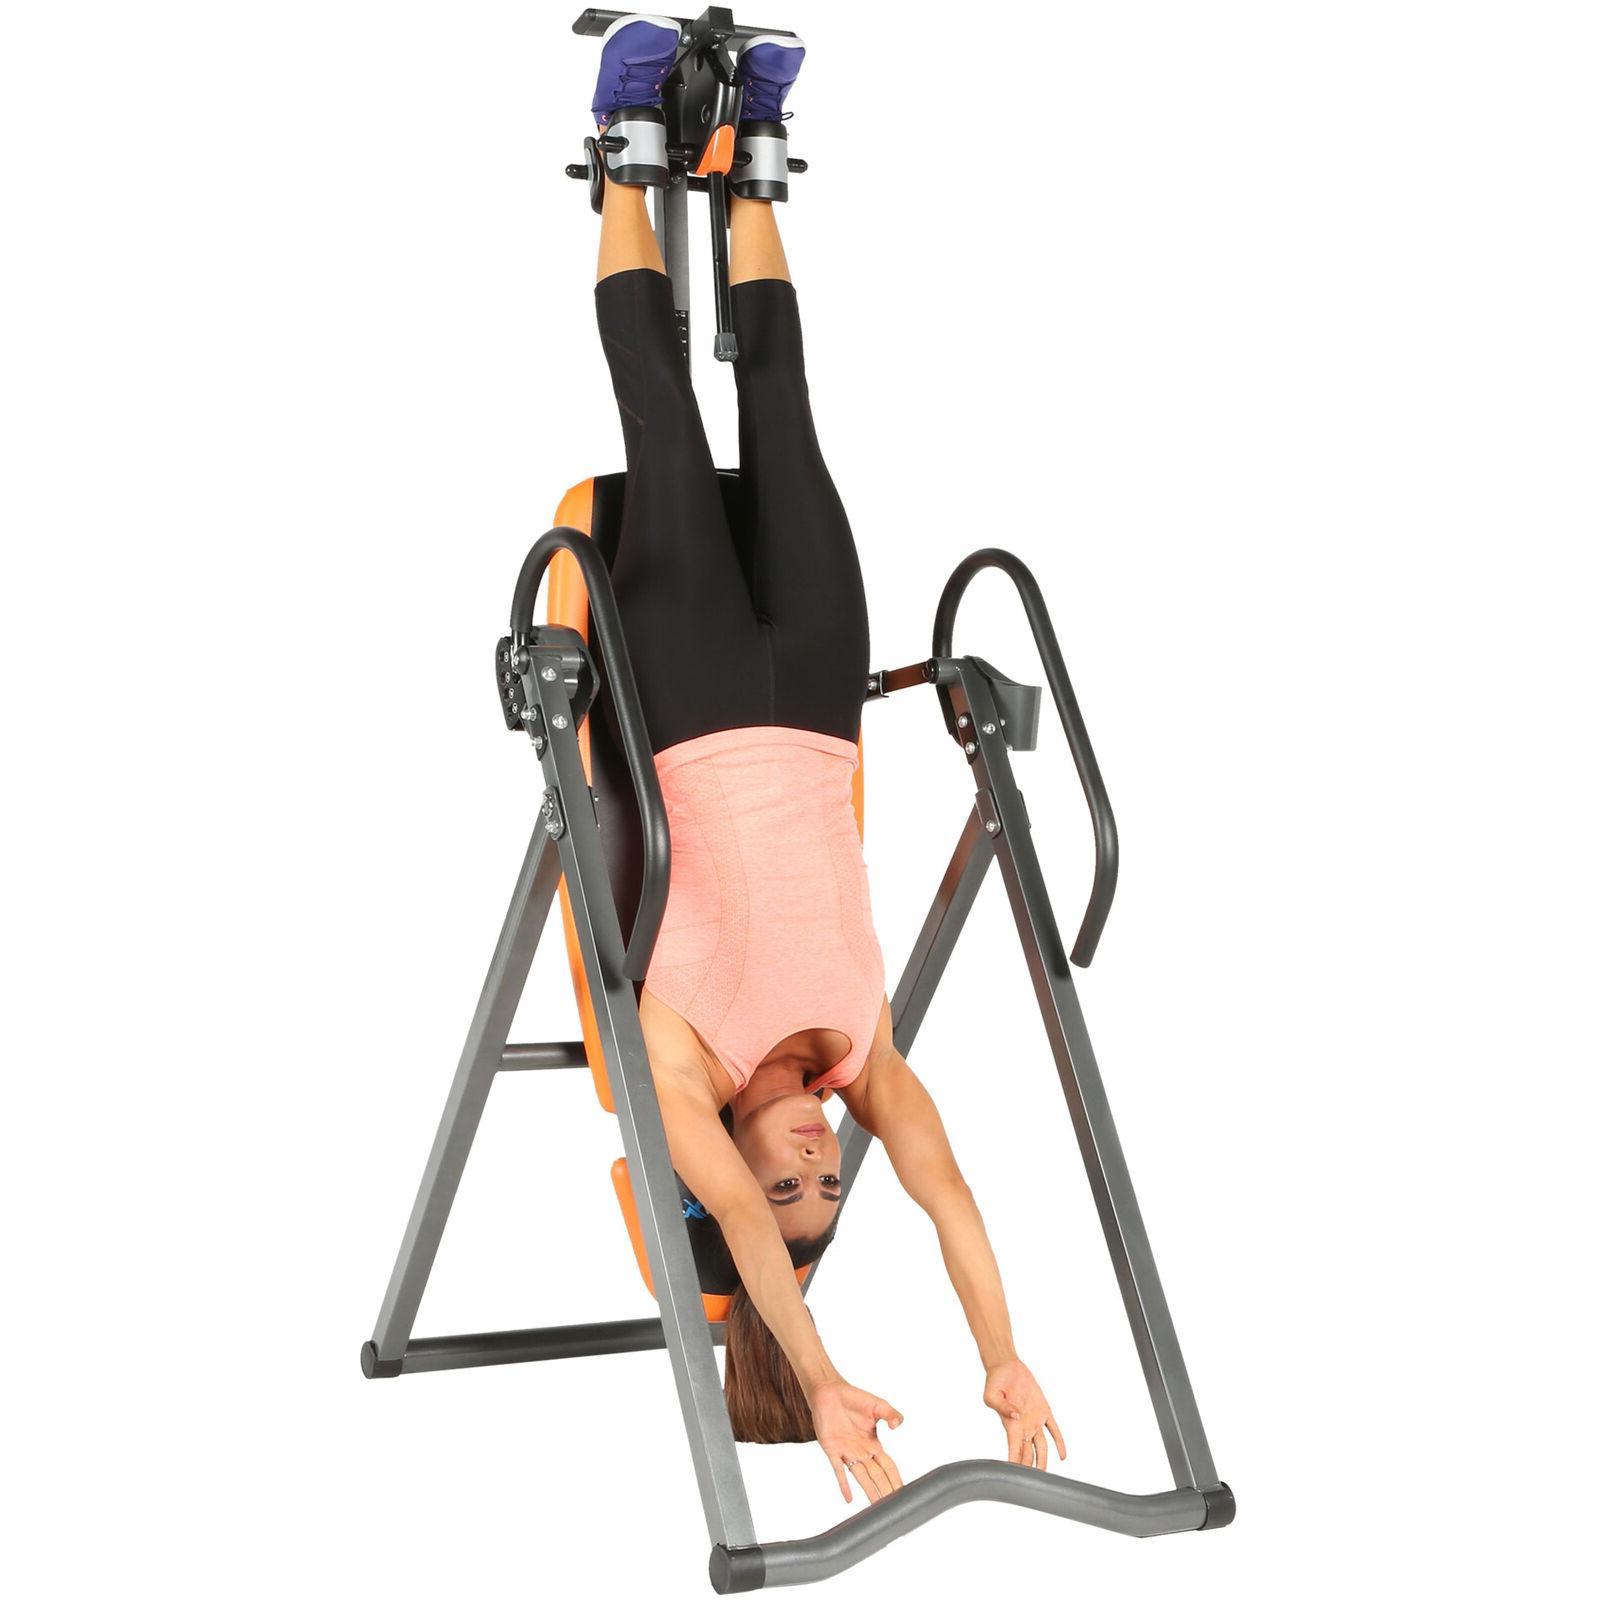 Inversion Table Exerpeutic SURELOCK Ankle Locking